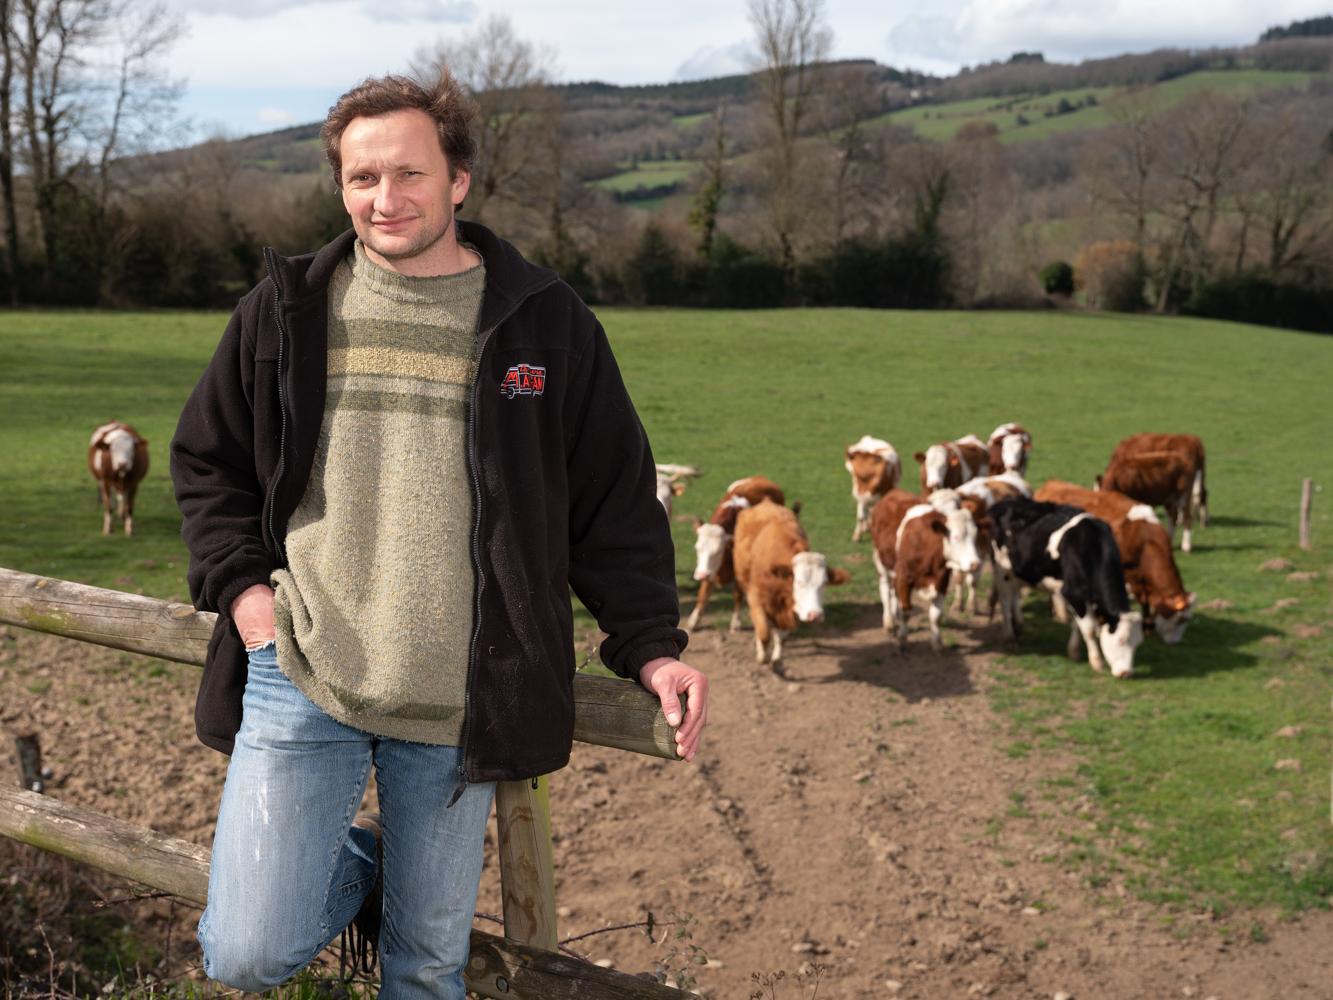 Damien, paysan à Albine, usagers voie verte Parc naturel Haut-Languedoc région Occitanie